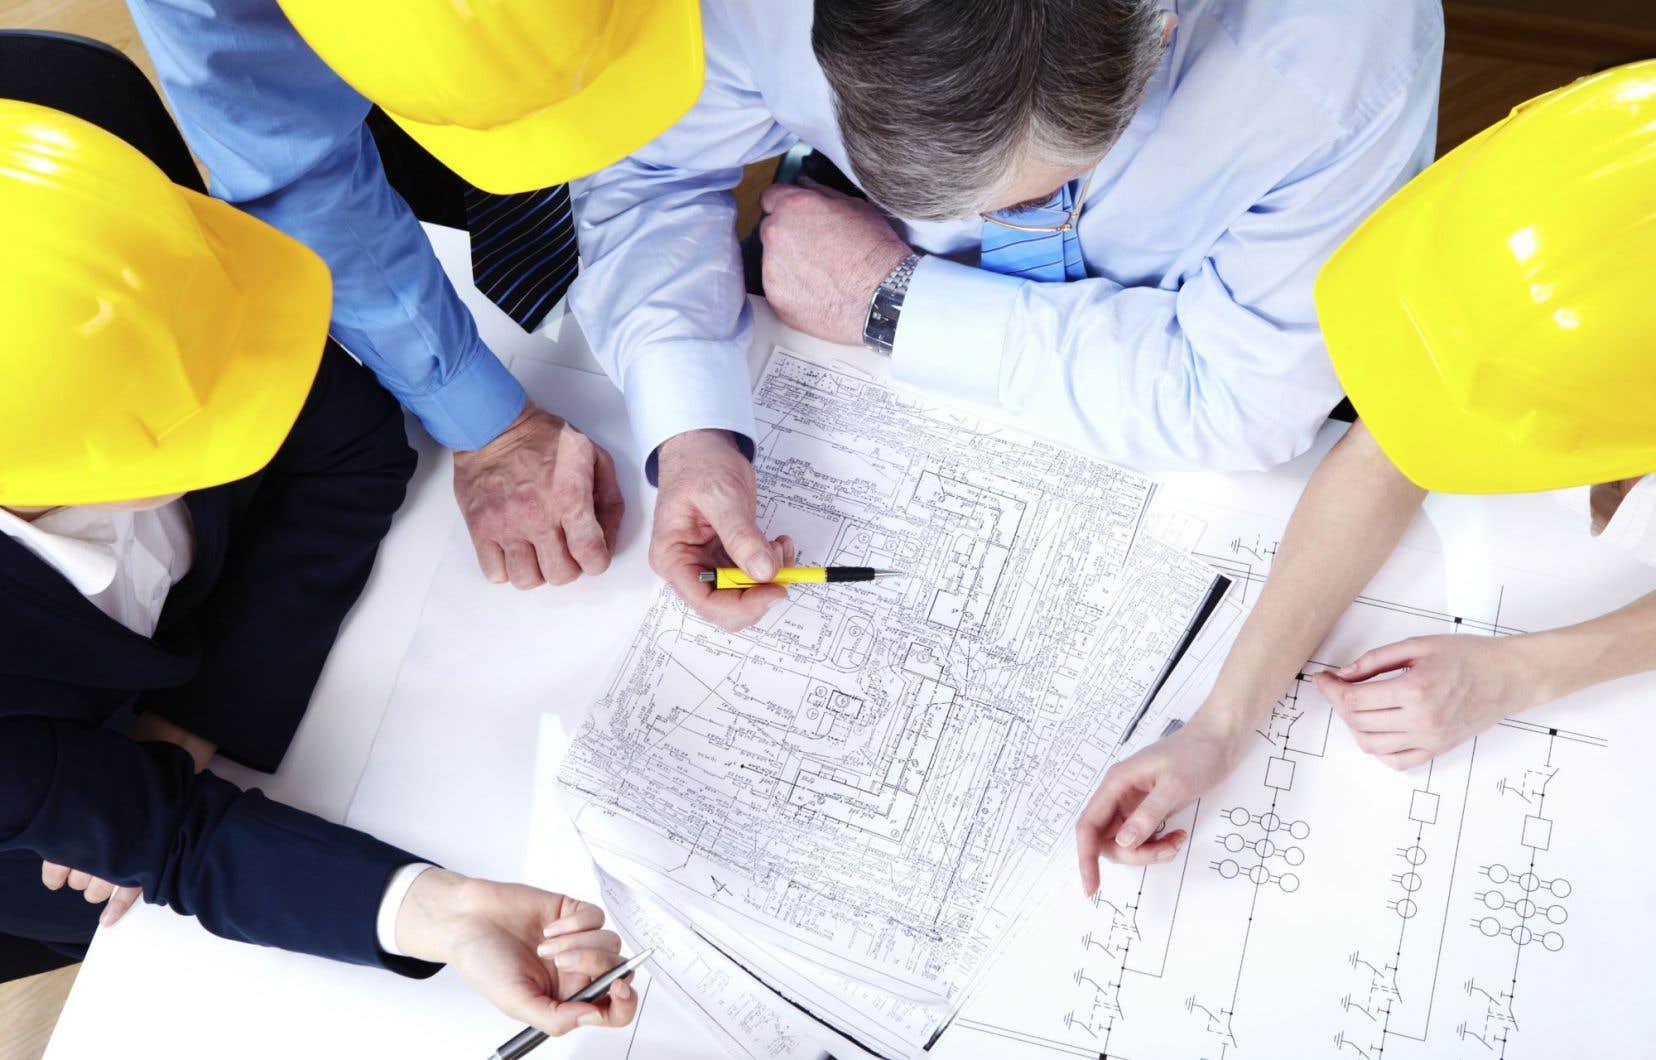 Il est rare de voir une firme de génie-conseil être dirigée par un individu qui n'est pas ingénieur de formation.